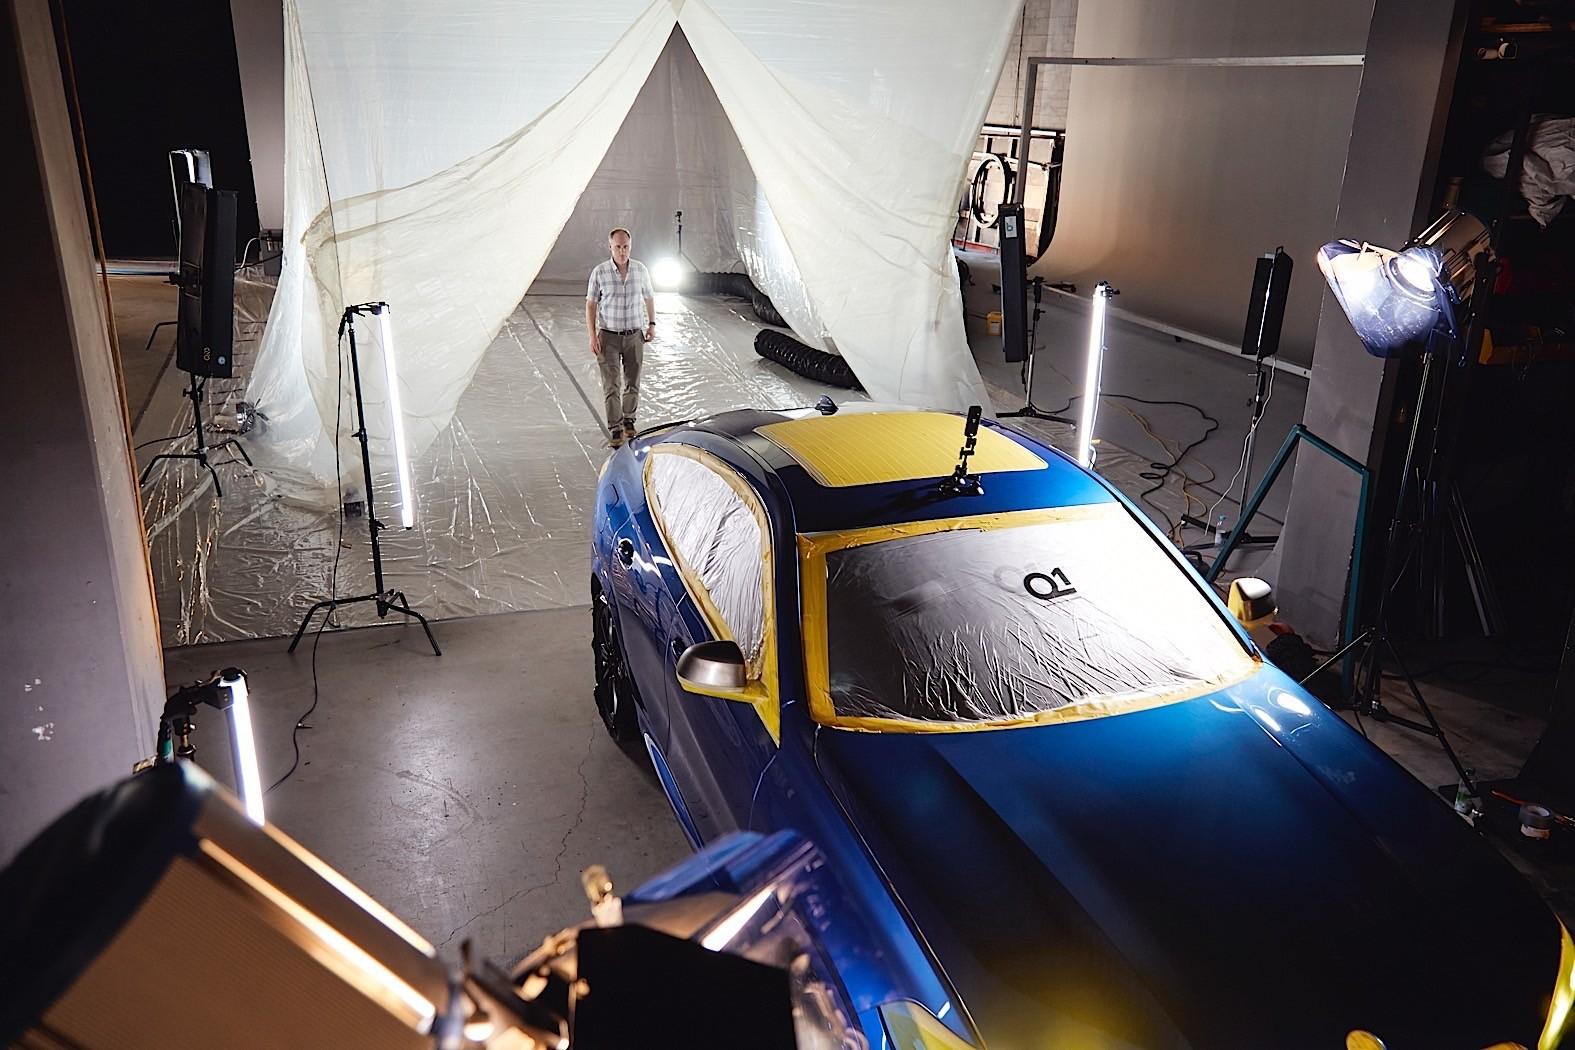 Bmw X6 Concept In Vantablack Is The World S Darkest Car Autoevolution